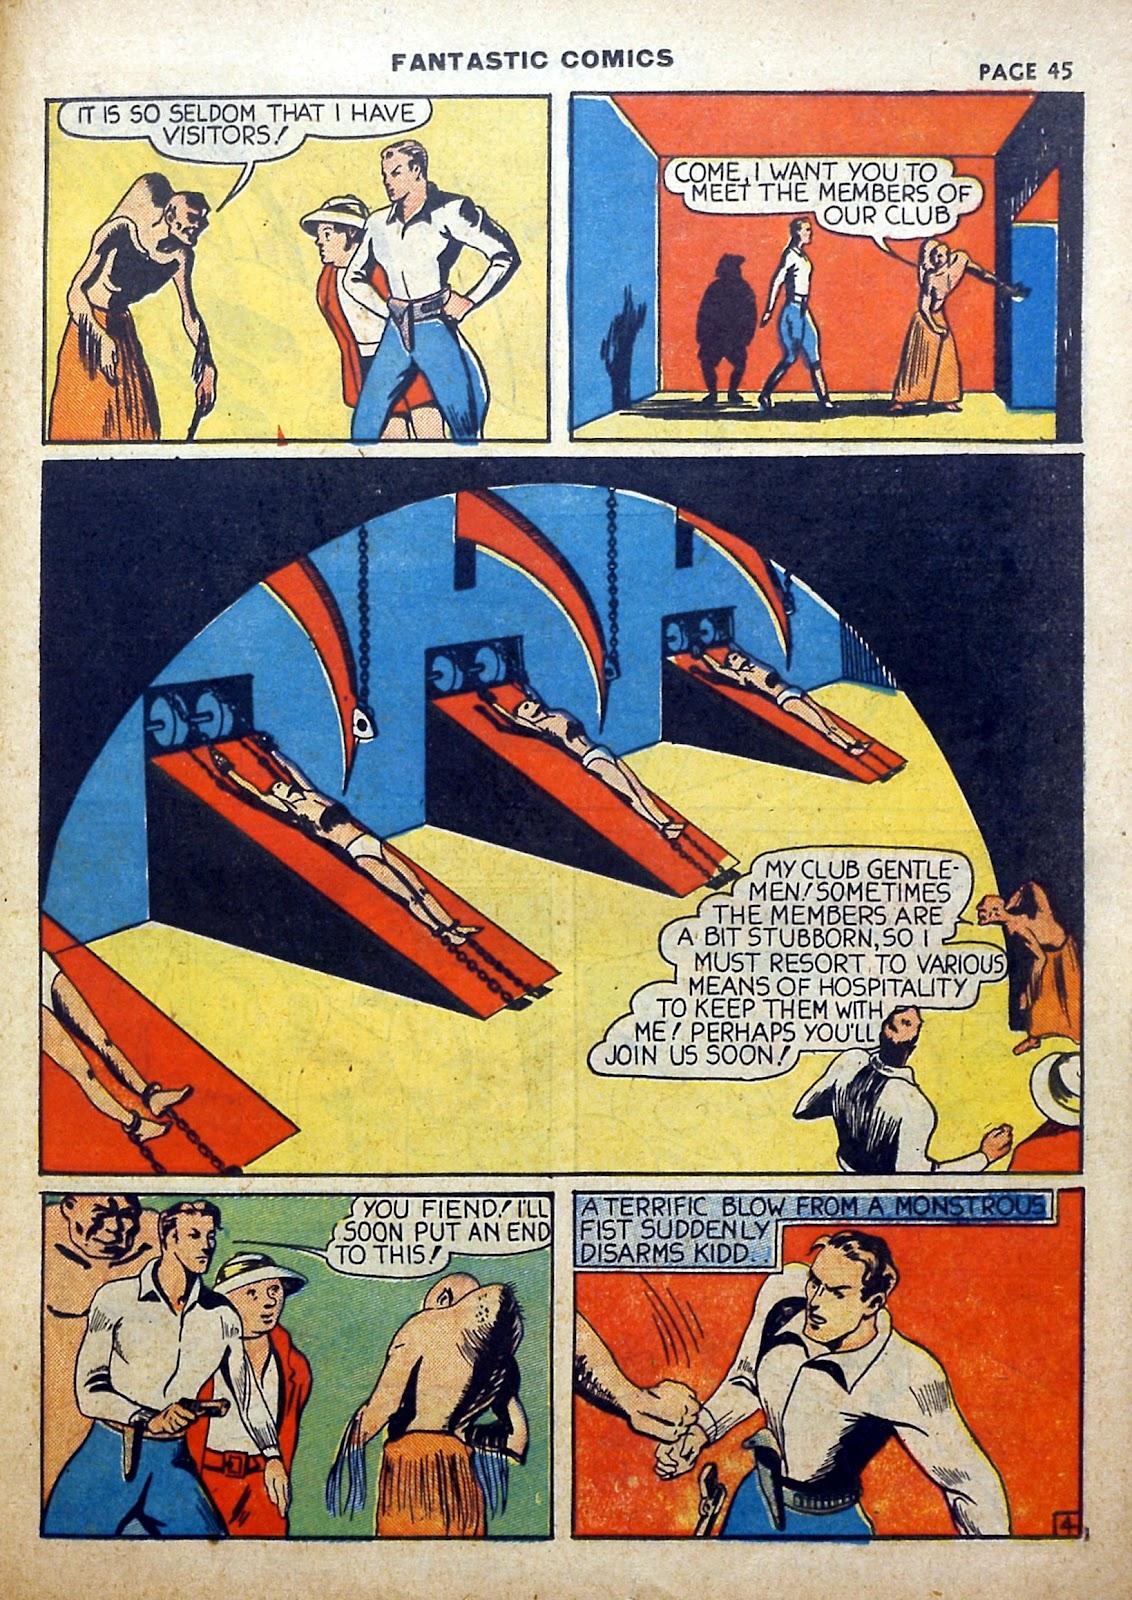 Read online Fantastic Comics comic -  Issue #5 - 46